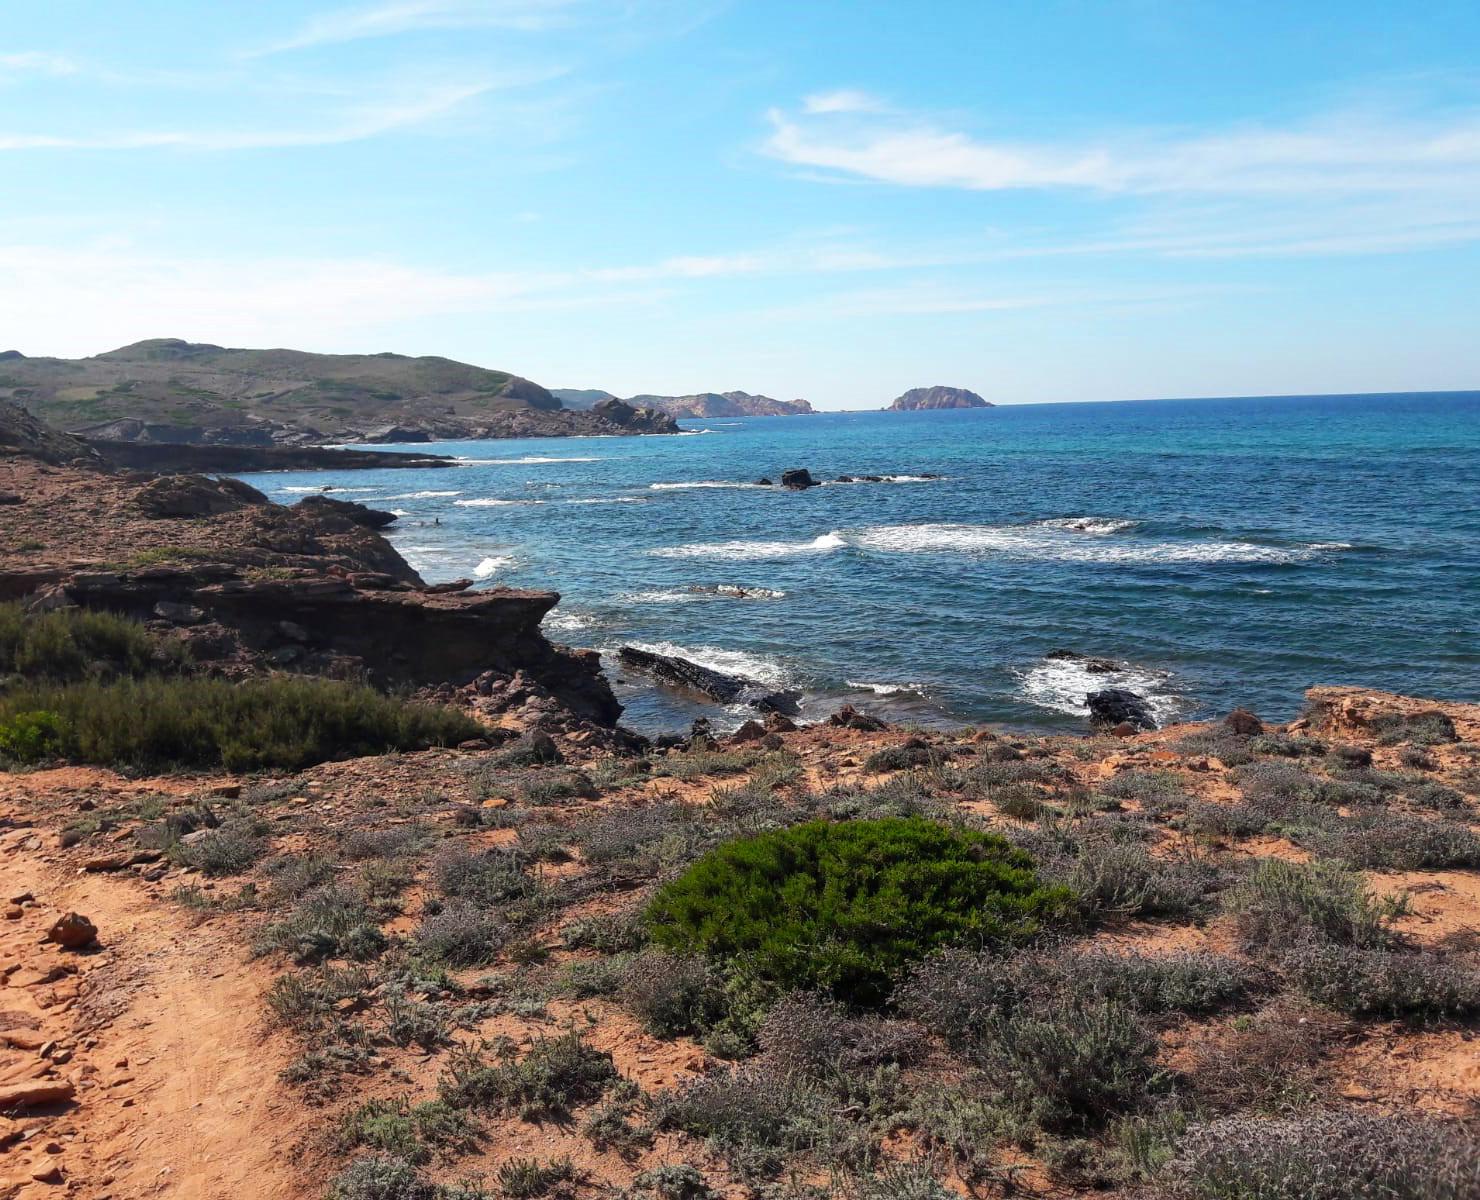 Coastal views from the south coast in Menorca